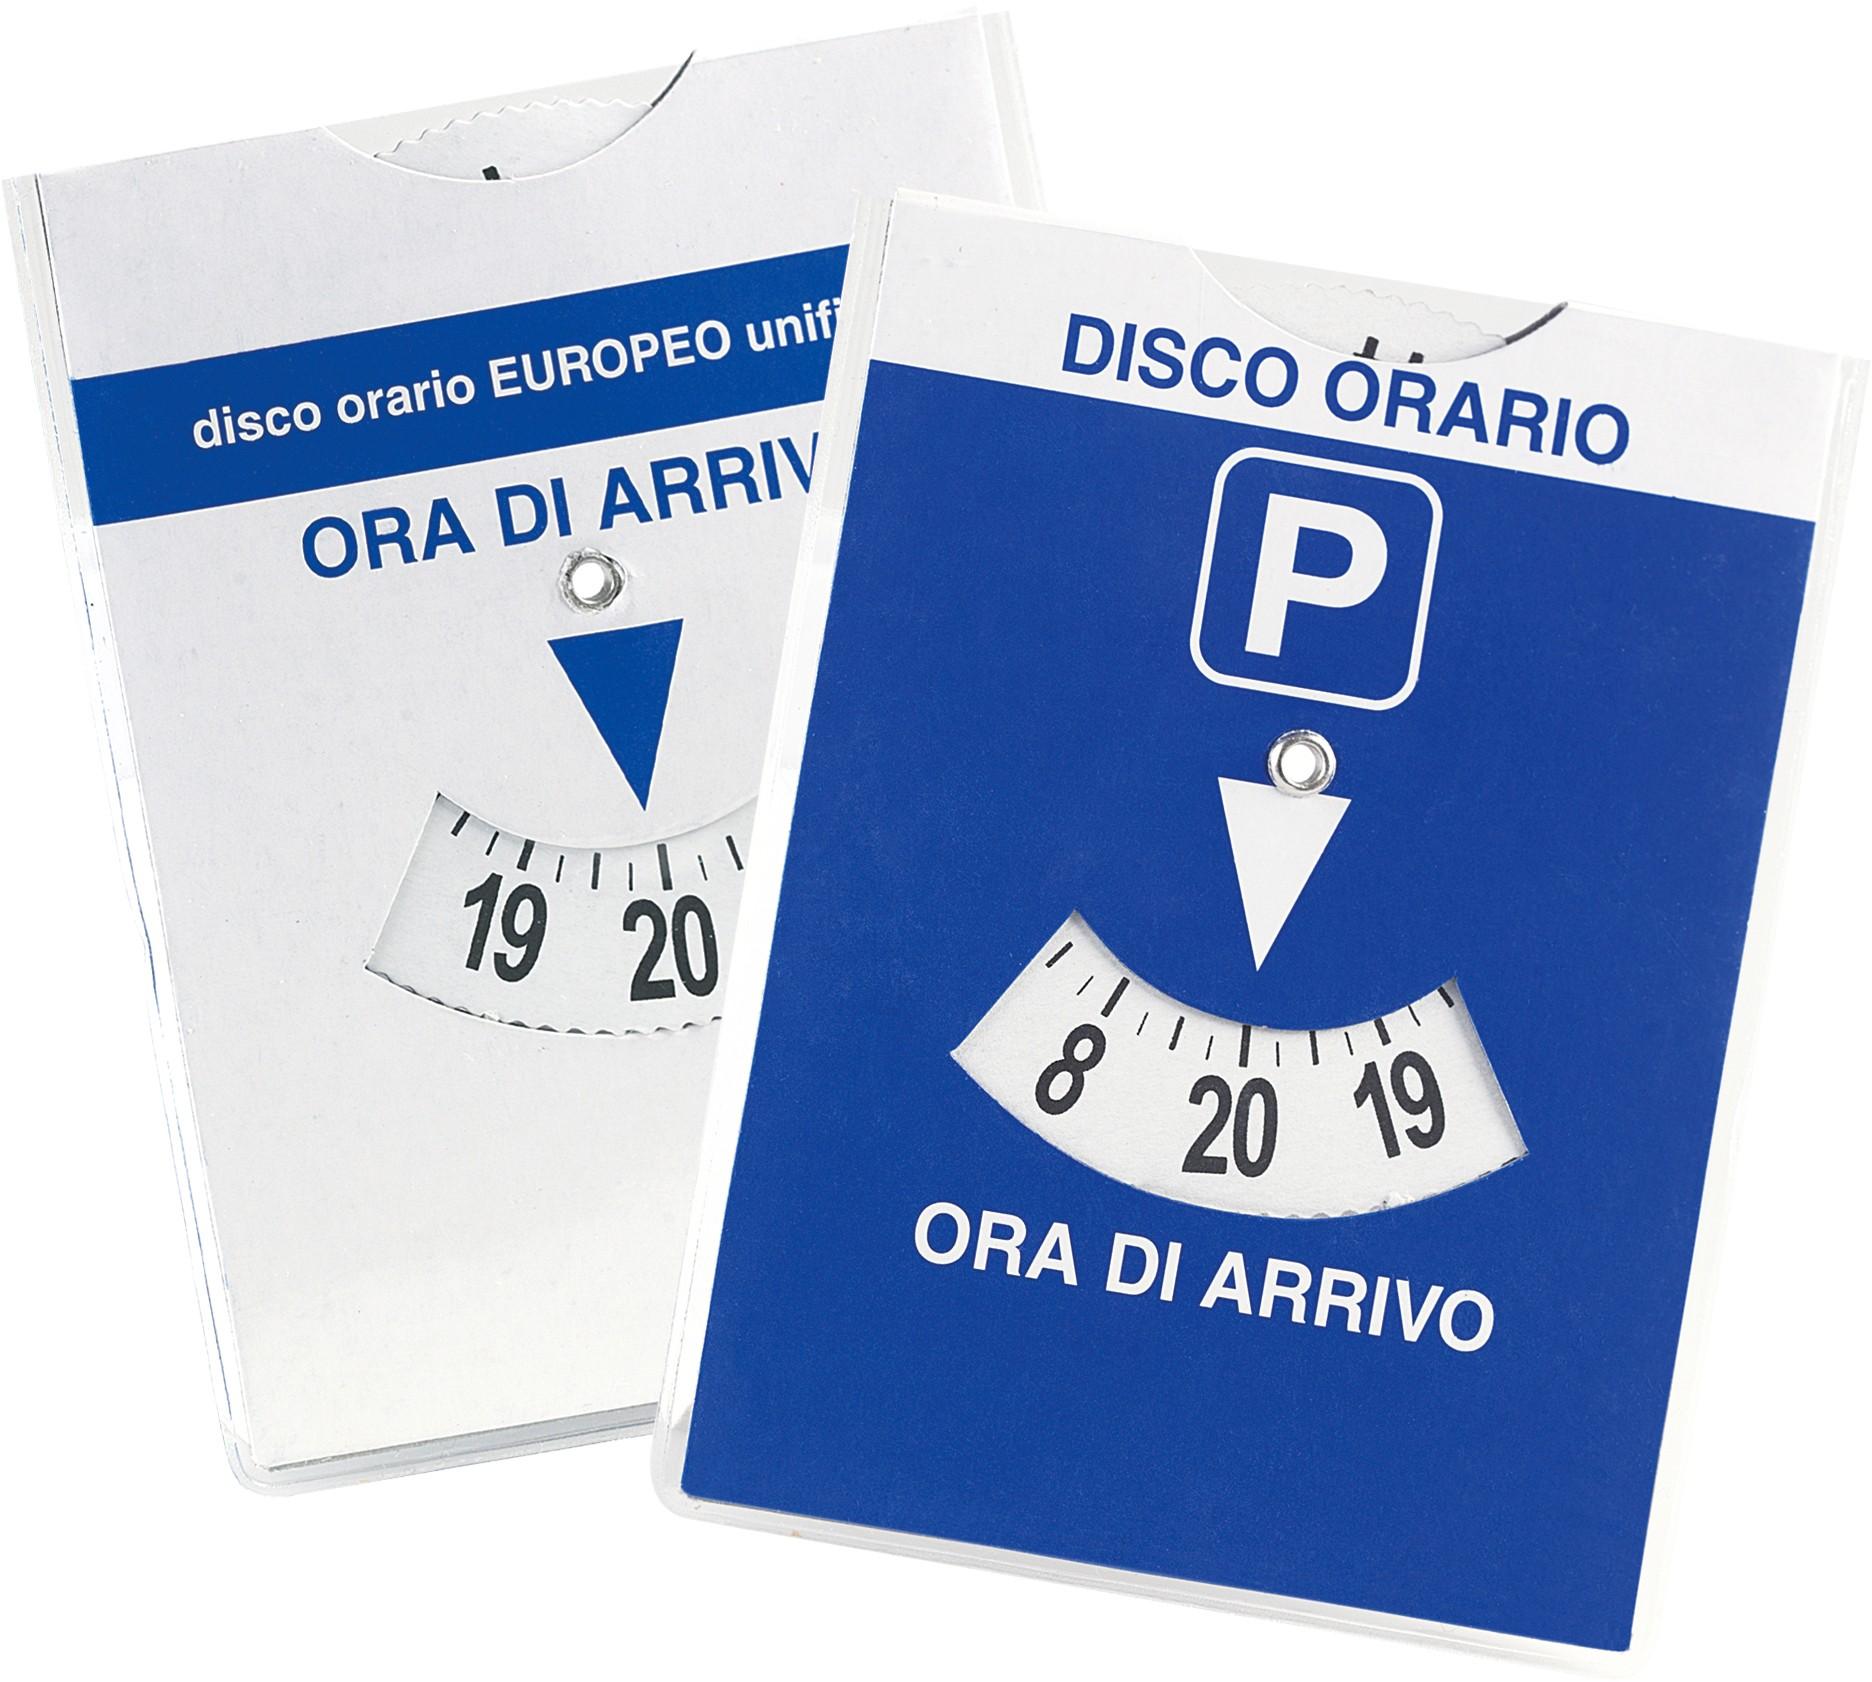 Estremamente Disco orario europeo maxi auto in parcheggio blu 12x15 con quarto  NL43